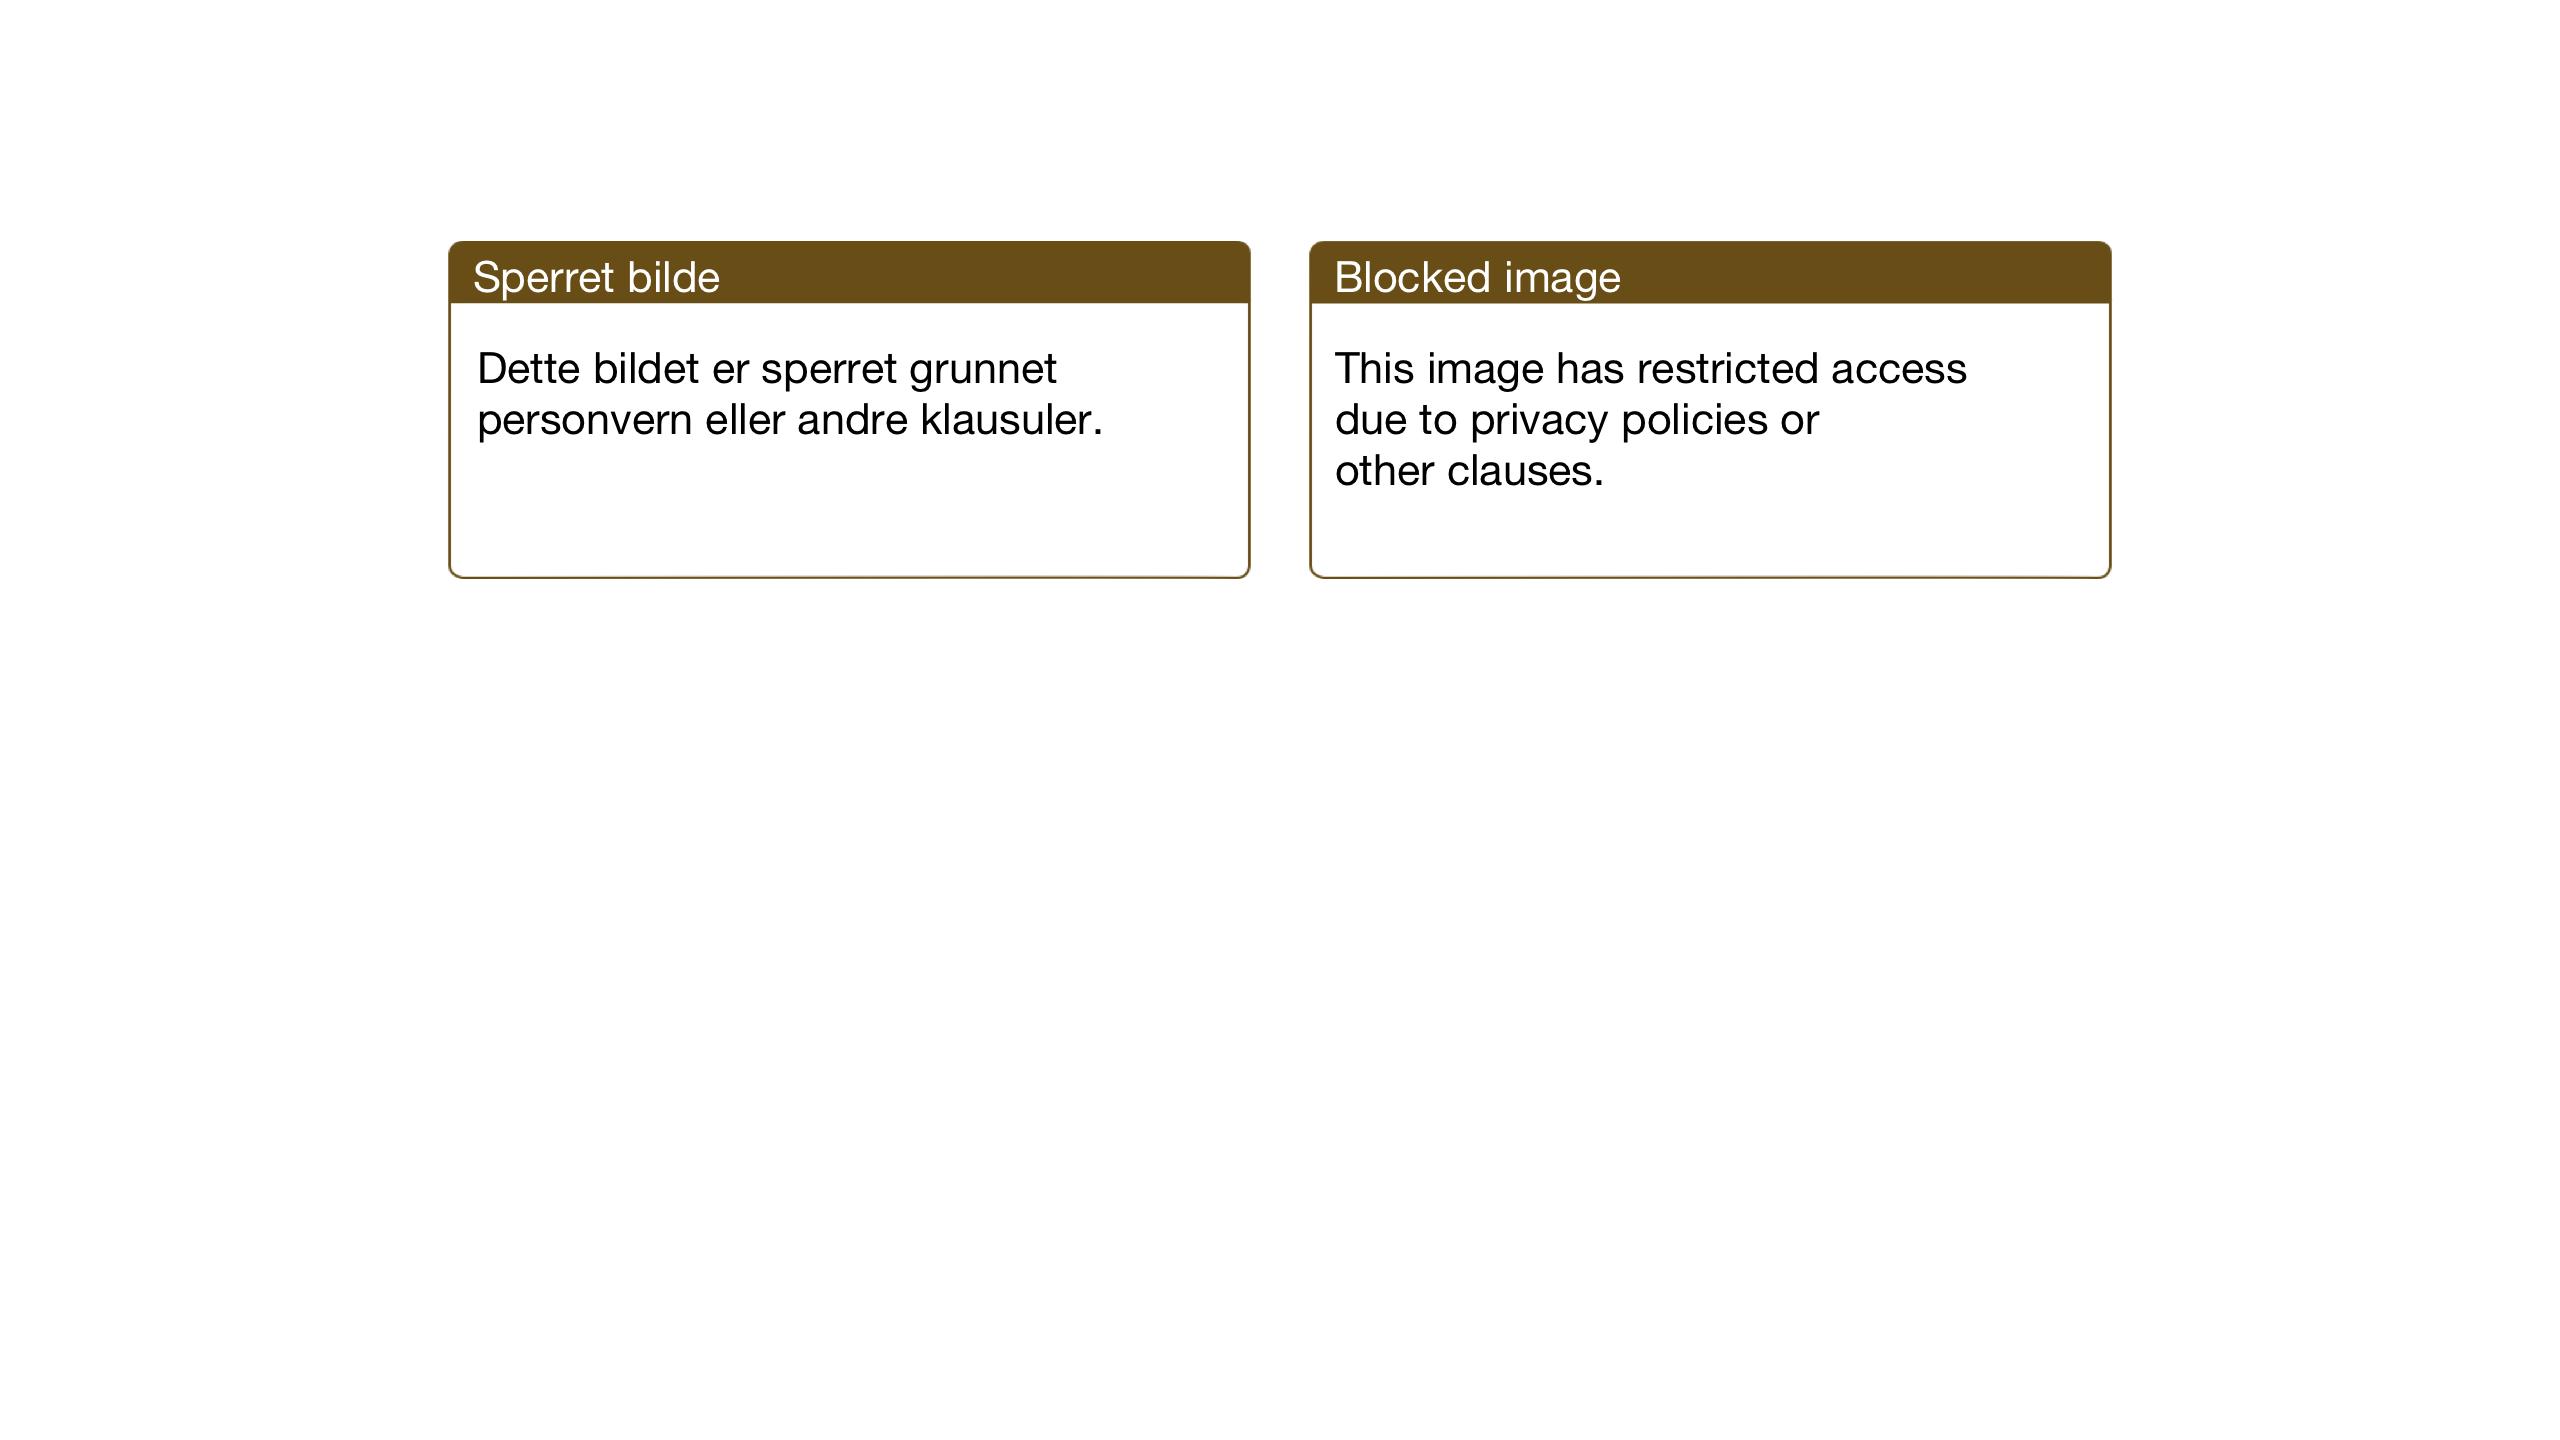 SAT, Ministerialprotokoller, klokkerbøker og fødselsregistre - Sør-Trøndelag, 686/L0986: Klokkerbok nr. 686C02, 1933-1950, s. 14